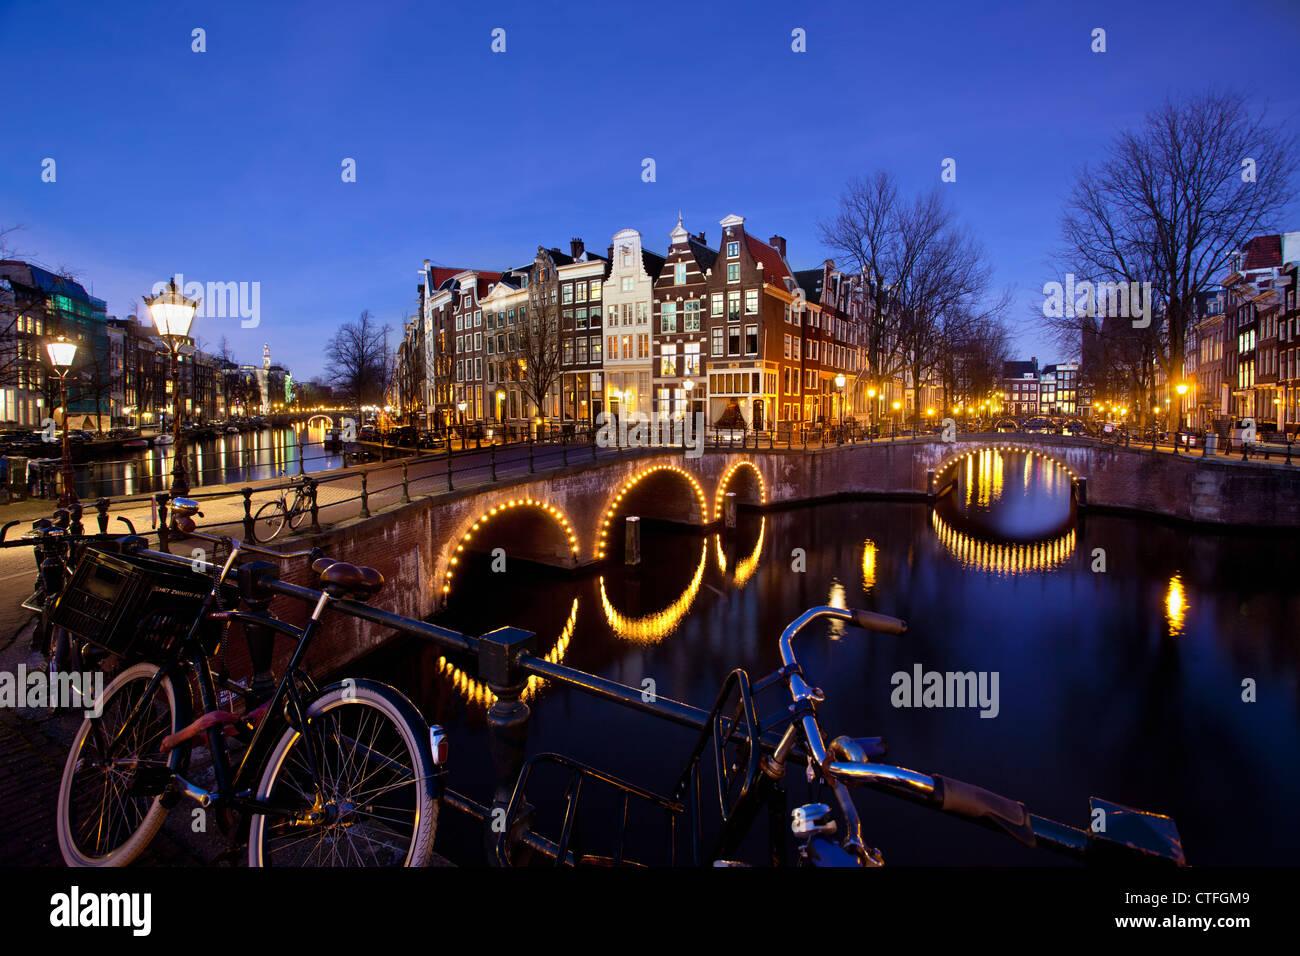 Amsterdam, crepuscolo, attraversamento di canali chiamati Keizersgracht en Leidsegracht. Ponti illuminati, biciclette. UNESCO - Sito Patrimonio dell'umanità. Foto Stock